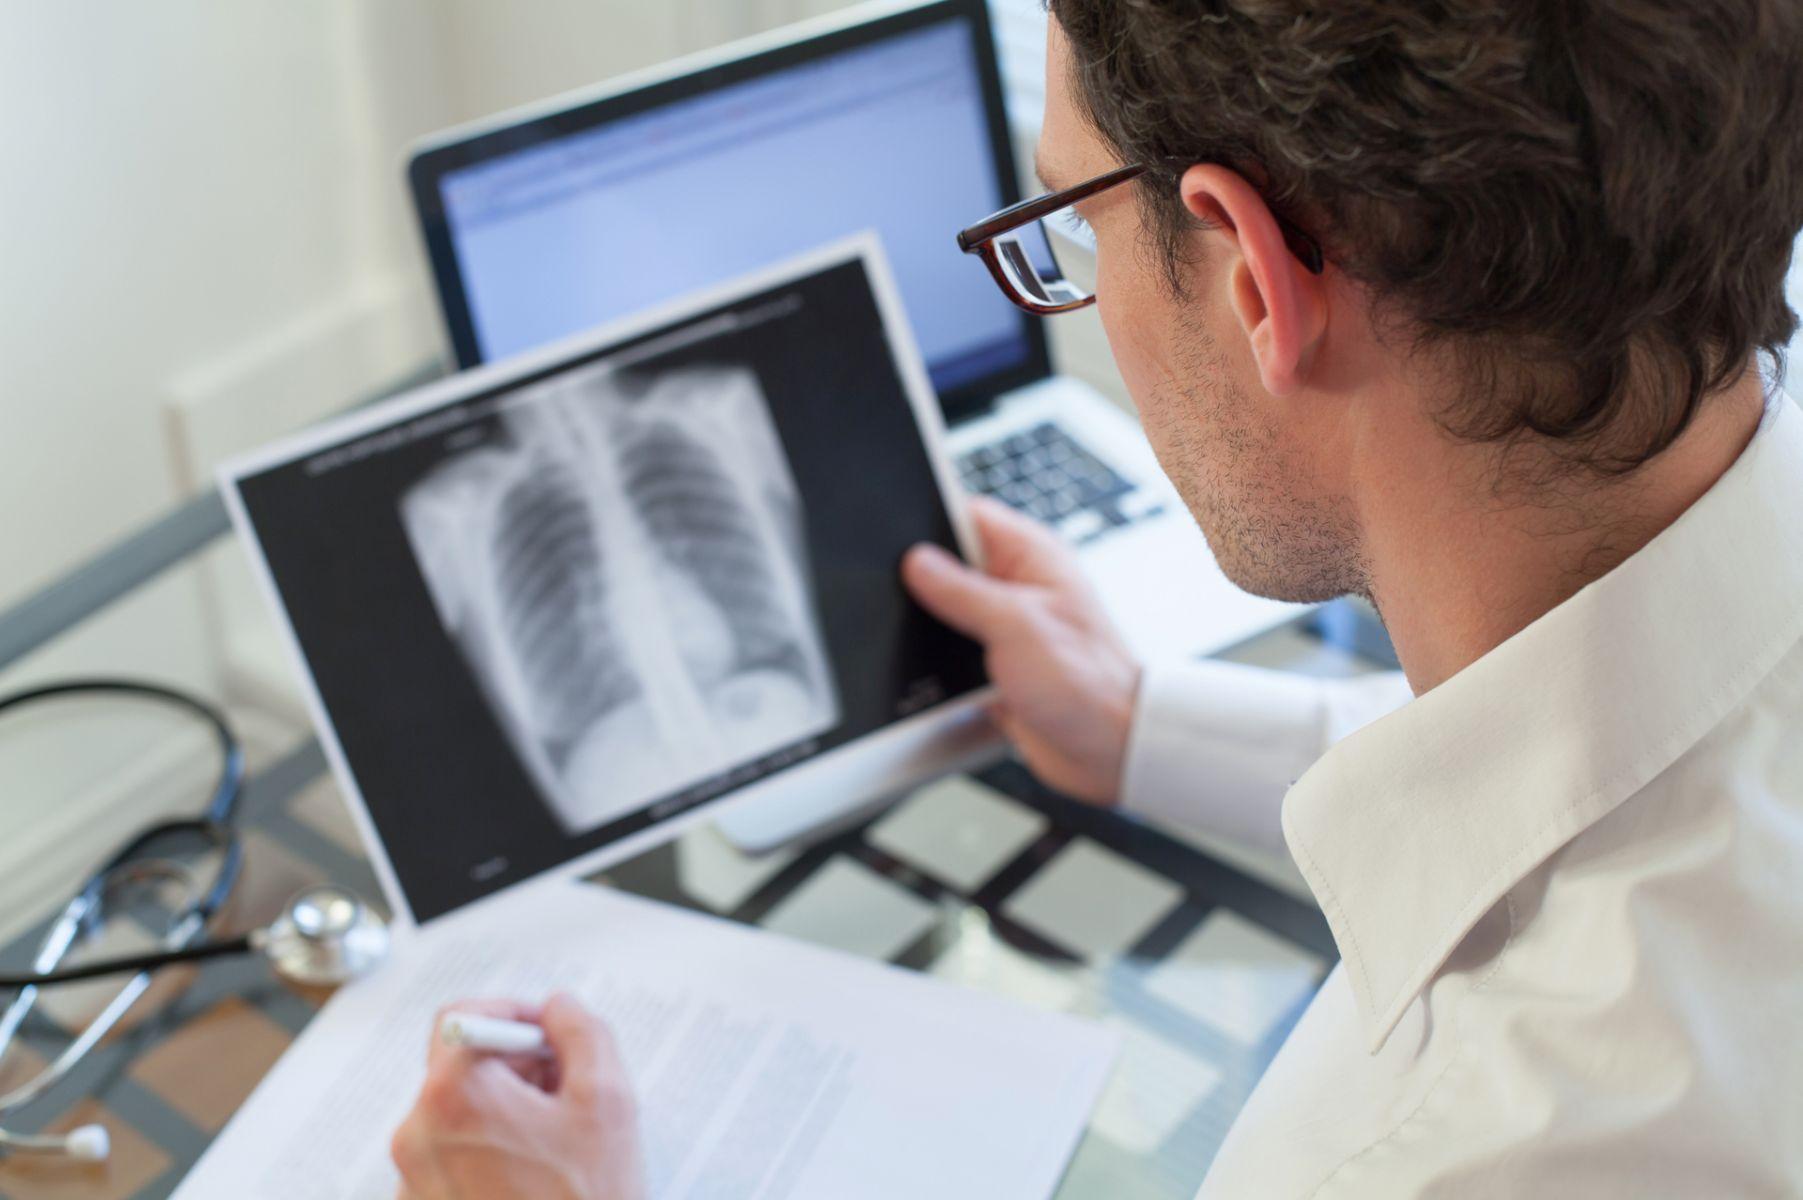 接觸到肺結核病人該怎麼辦?醫師提醒這樣因應